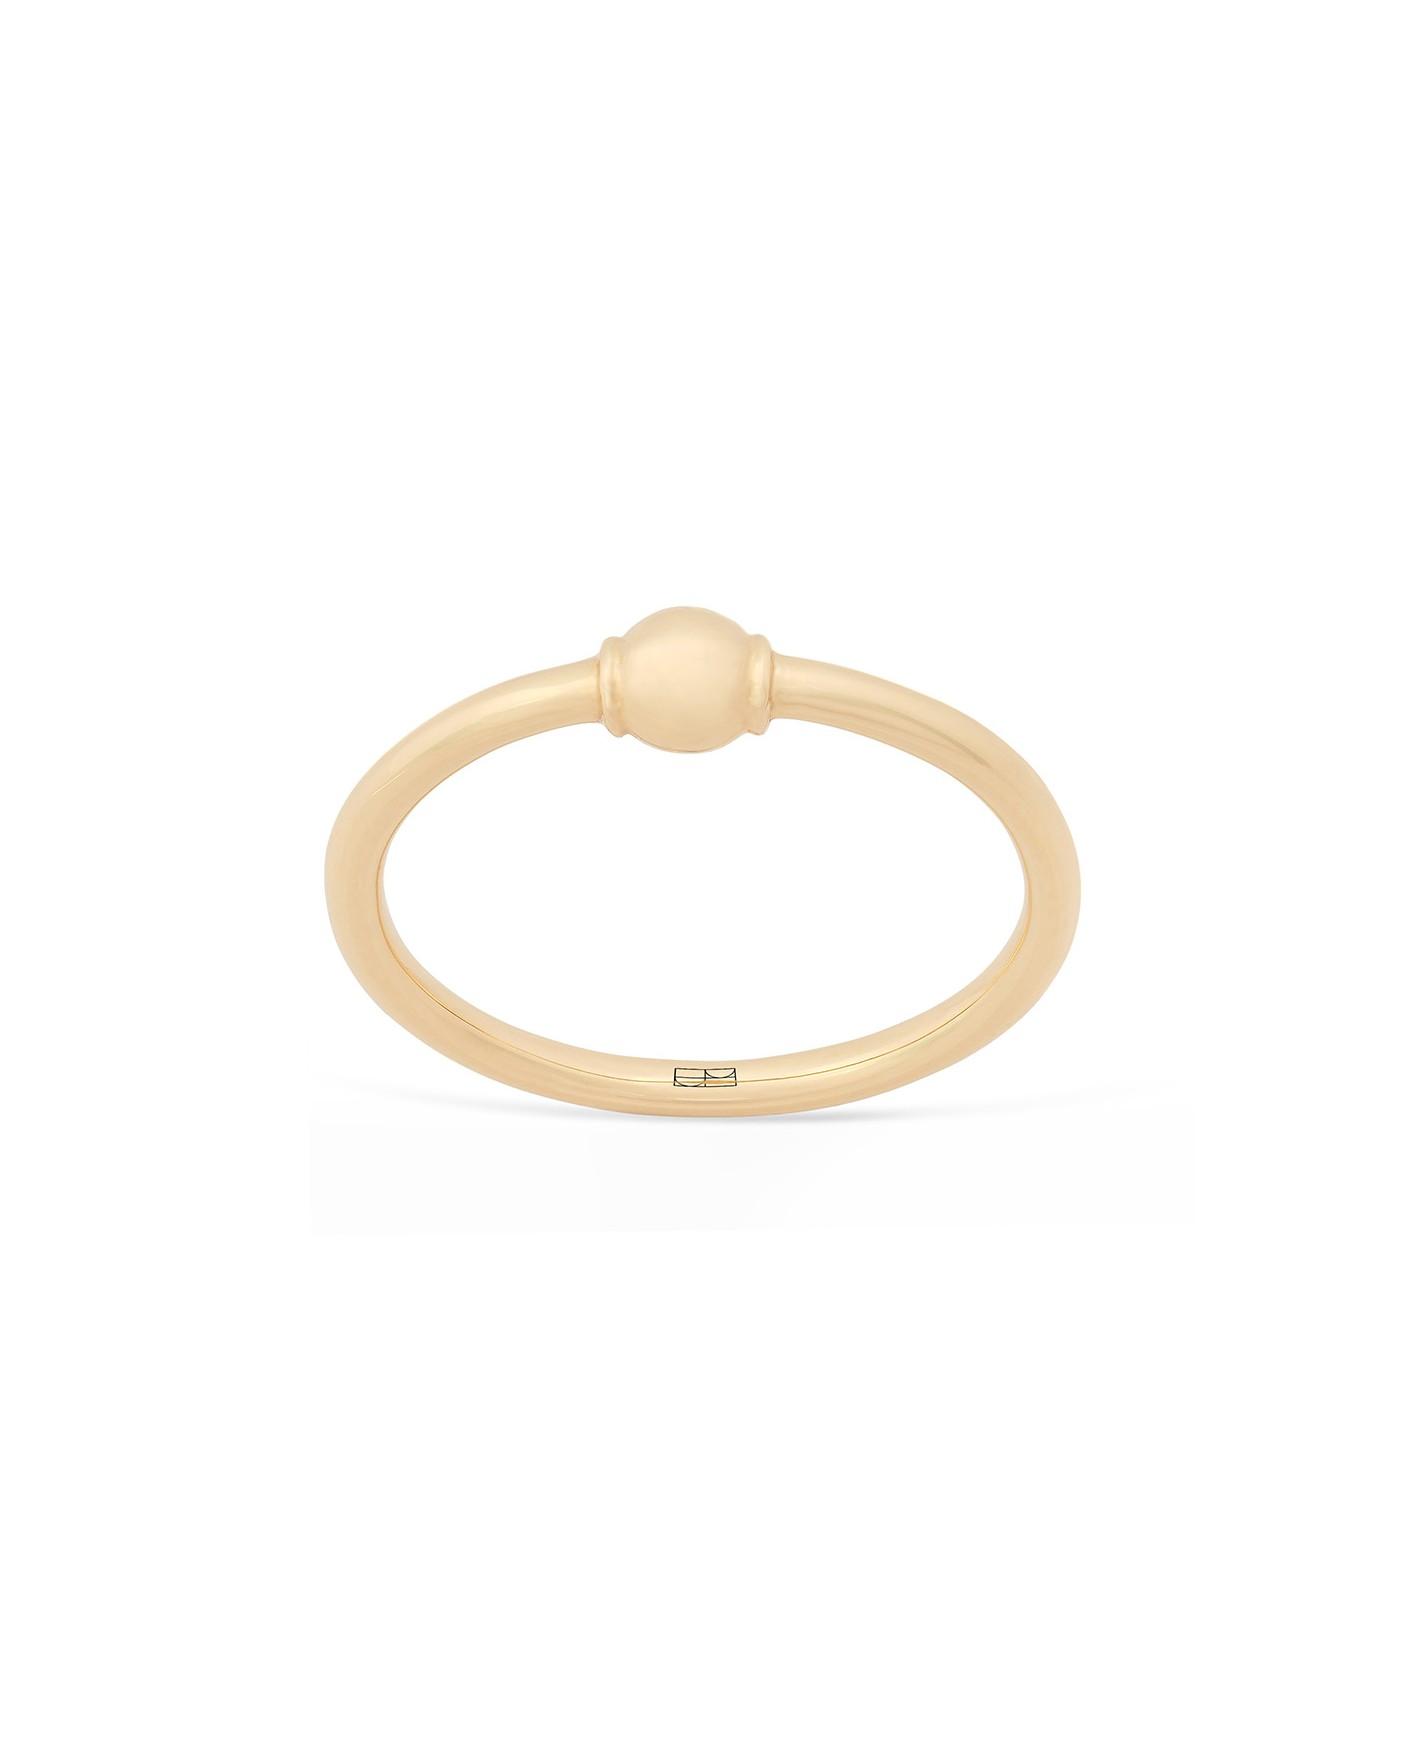 Pearl Złoty Pierścionek N°3